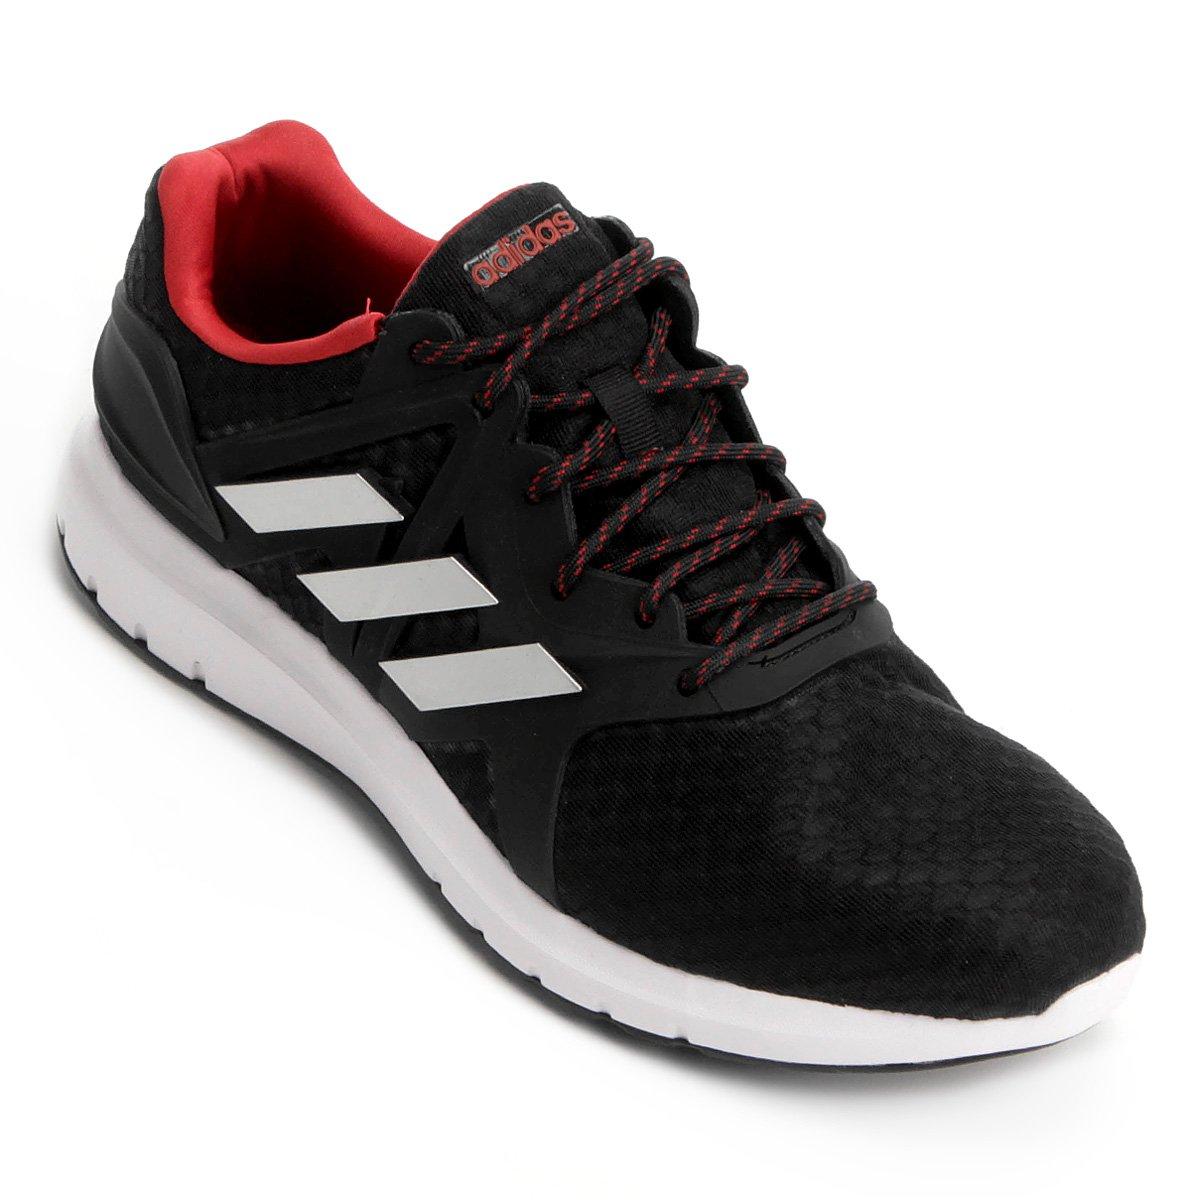 41af6bf997a36 Tênis Adidas Starlux Masculino - Preto e Prata - Compre Agora